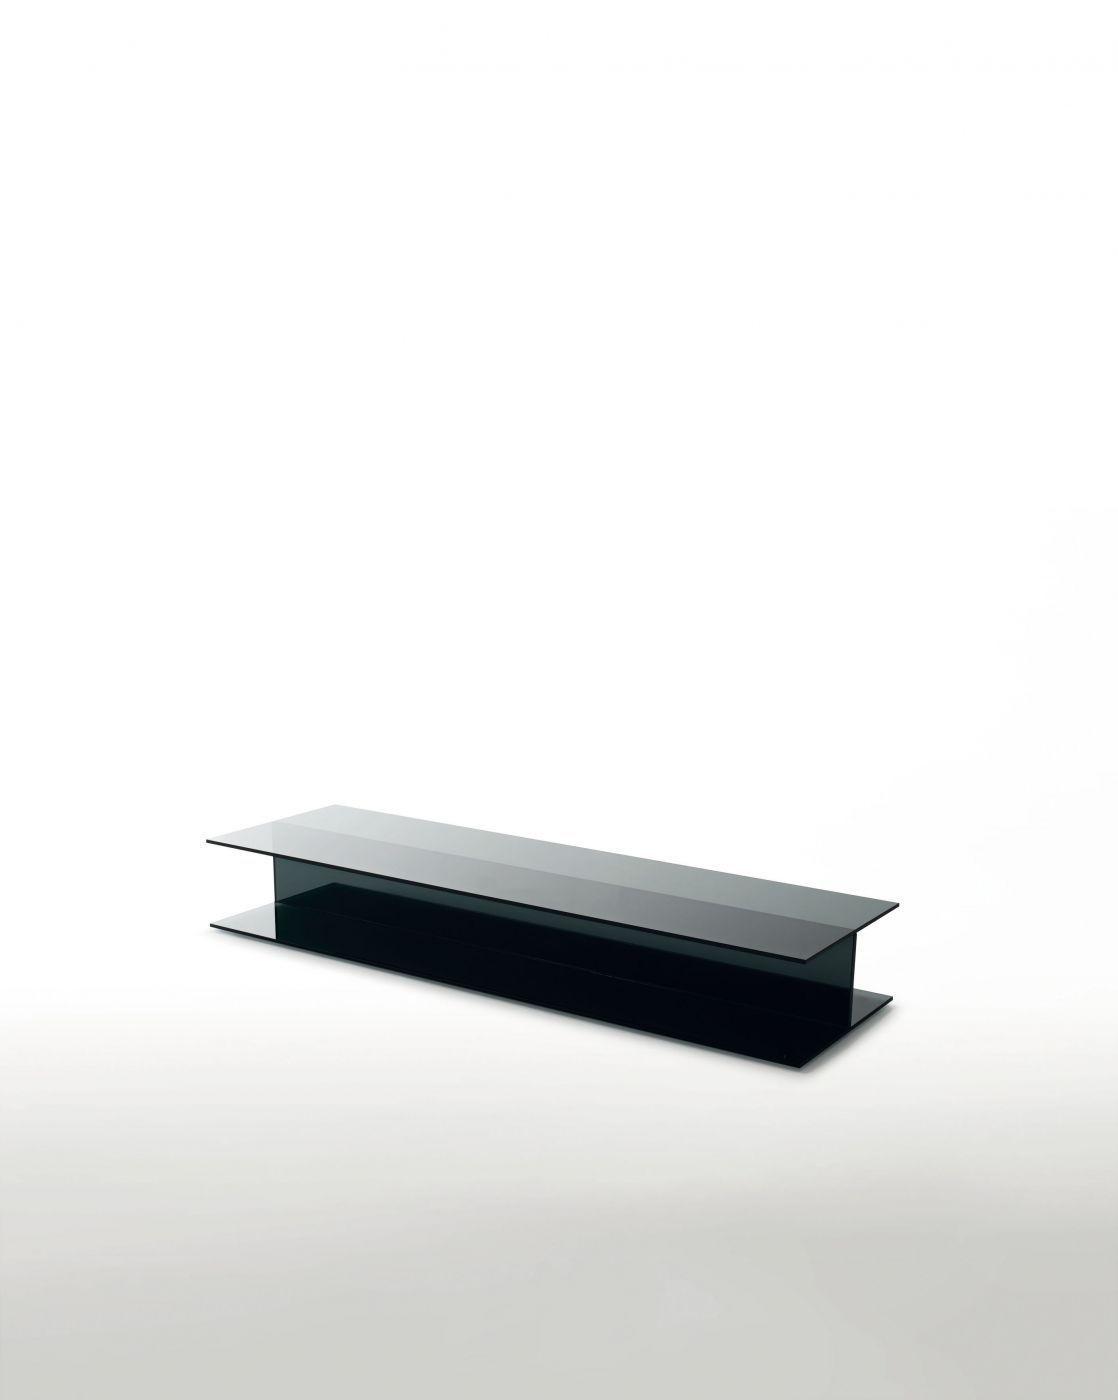 Großartig Couchtisch Rauchglas Dekoration Von Moderner / / Rechteckig / Innenraum